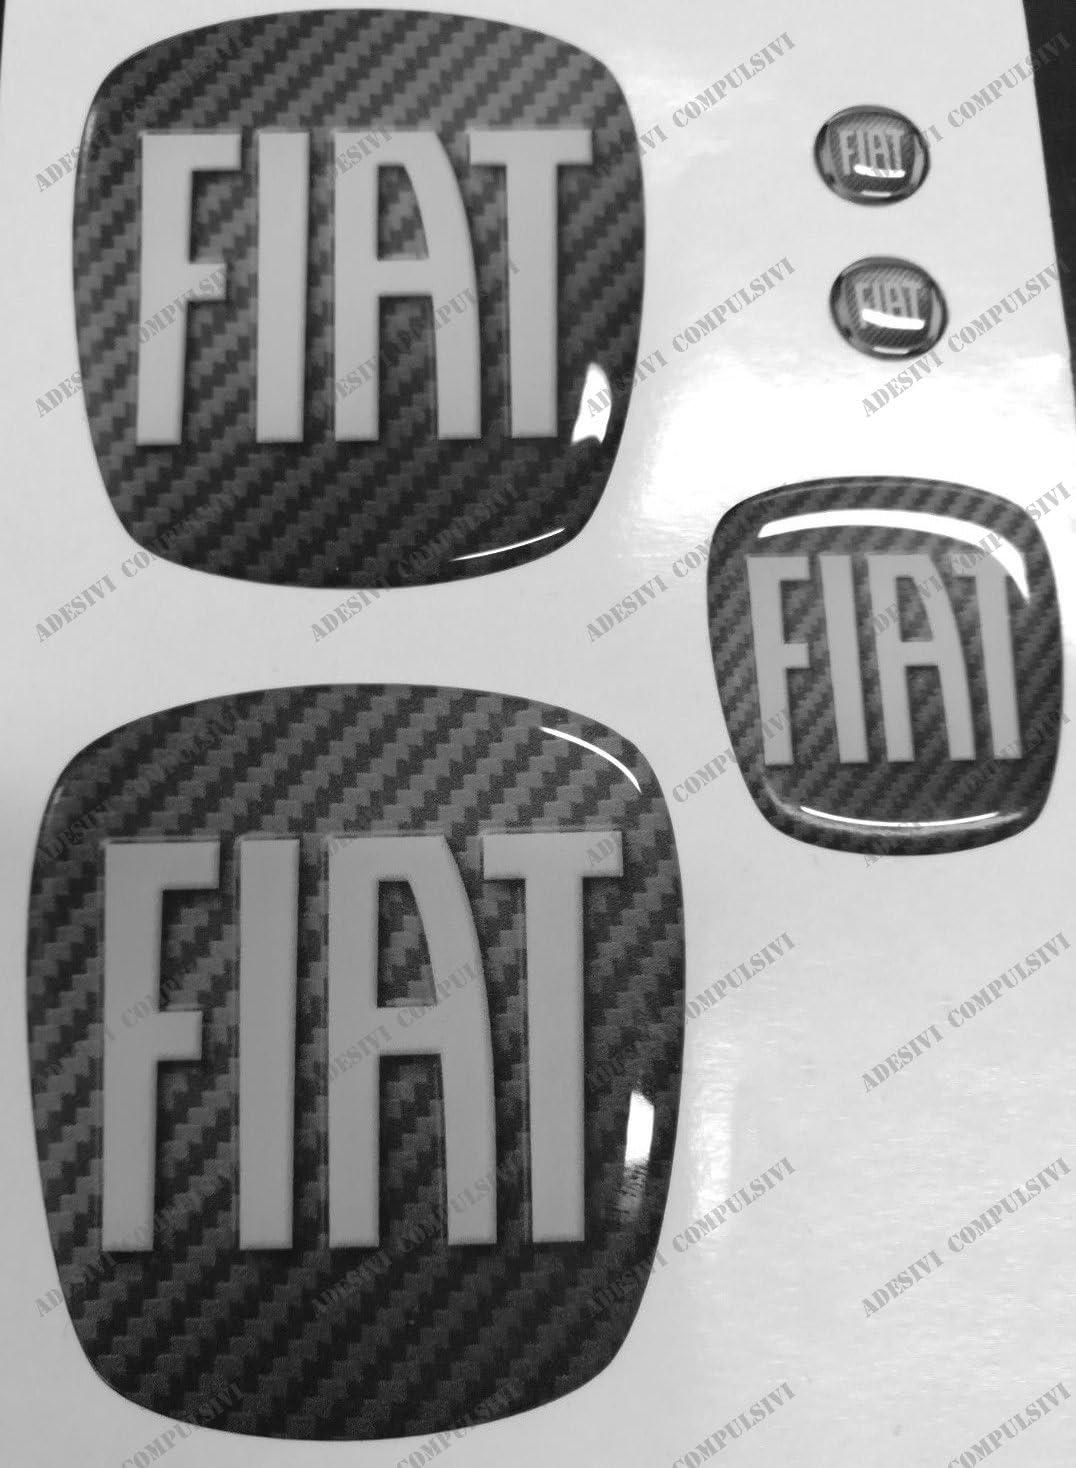 posteriore Per cofano e baule volante Fregi colore sfondo Carbonio 2 stemmi per portachiavi Adesivi resinati Logo 500 anteriore effetto 3D